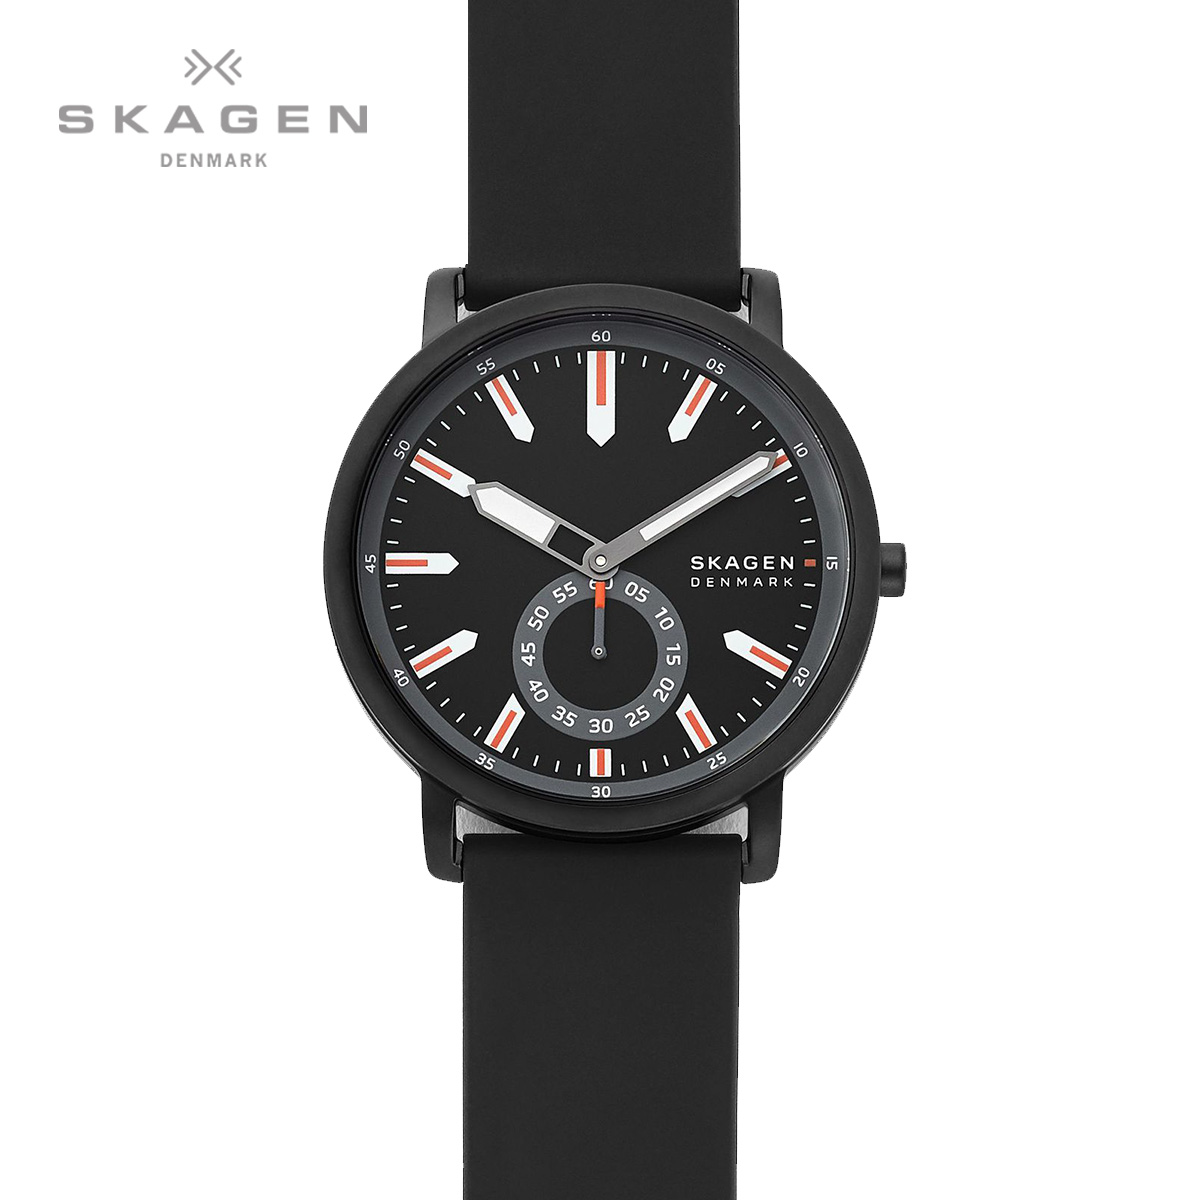 時計 腕時計 送料無料 送料無料激安祭 全品送料無料 スカーゲン SKAGEN SKW6612 メンズ 限定タイムセール COLDEN コールデン